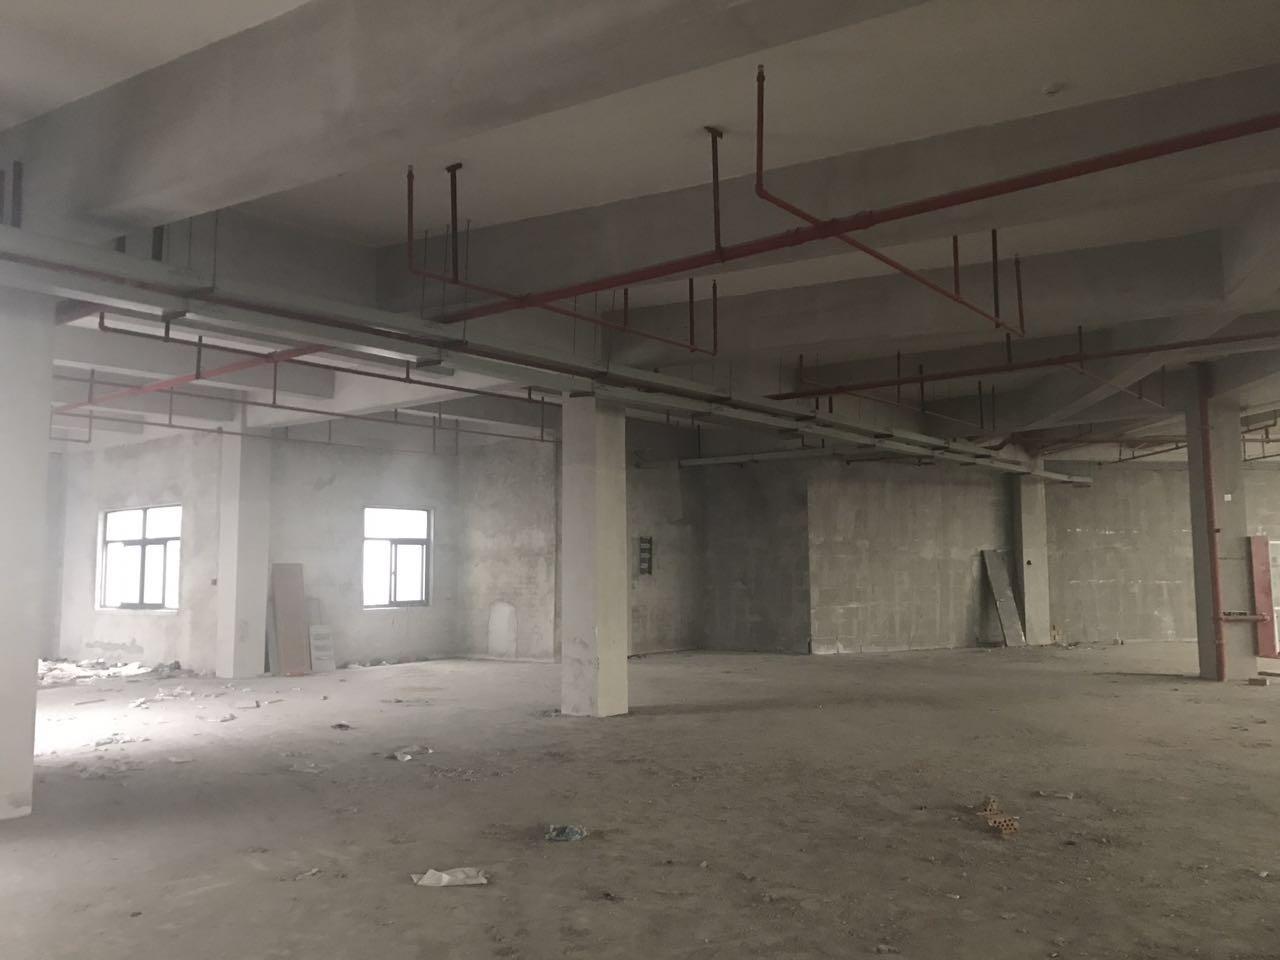 苏州望亭商业广场商铺出租